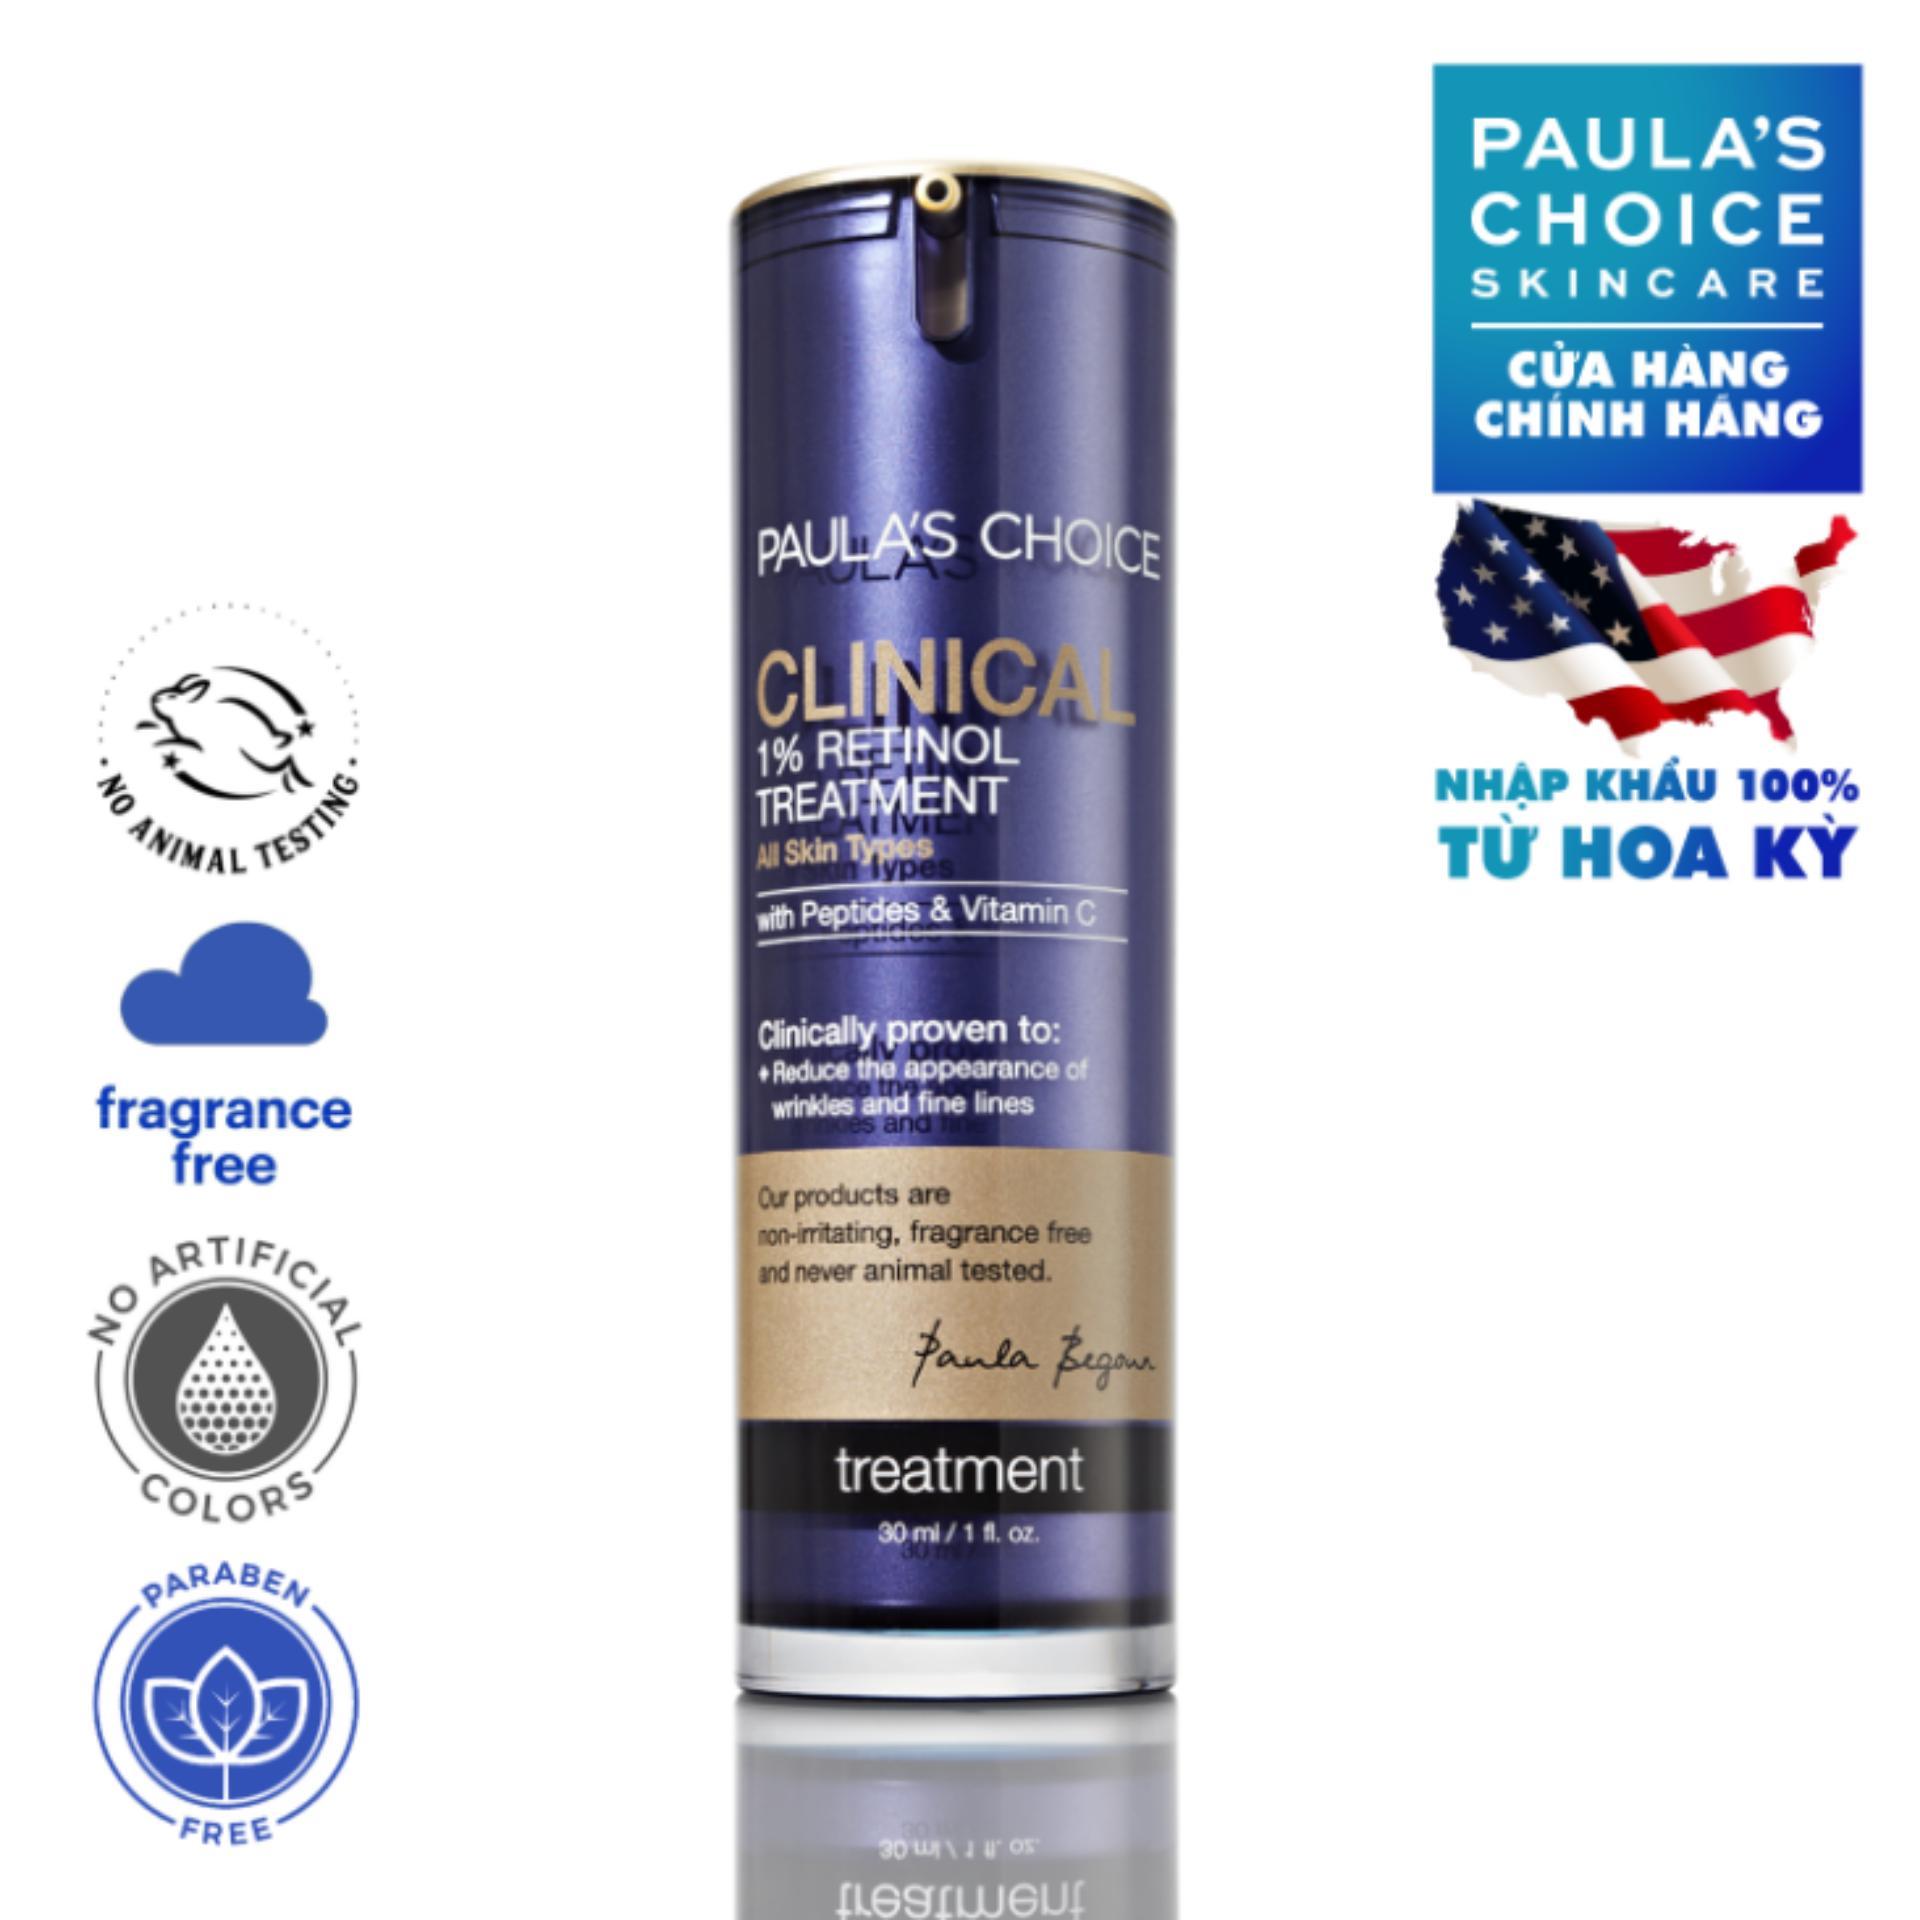 Tinh chất điều trị độc đáo 1 Retinol Paula's Choice Clinical 1% Retinol Treatment 30 ml chính hãng